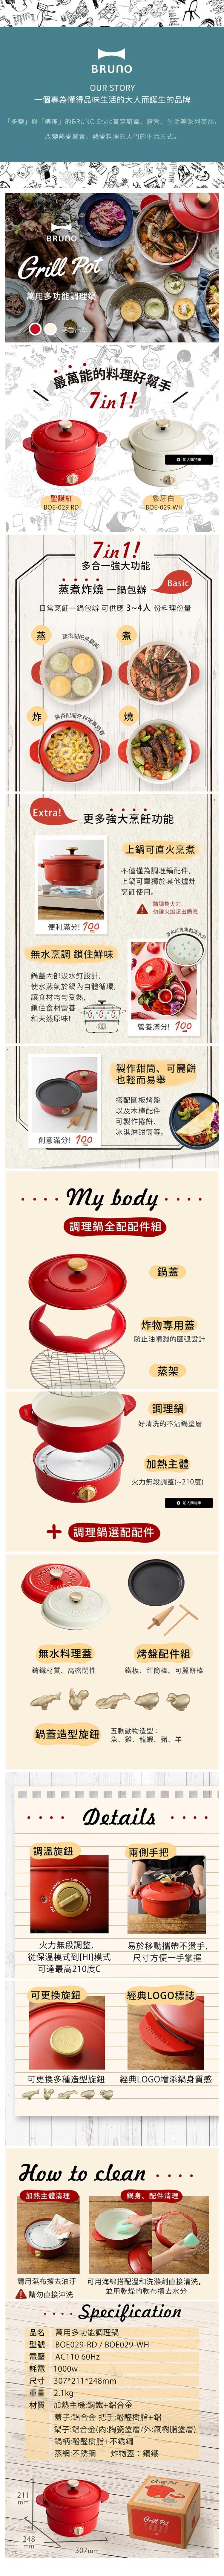 特賣【日本 BRUNO】萬用多功能調理鍋 紅色 BOE029